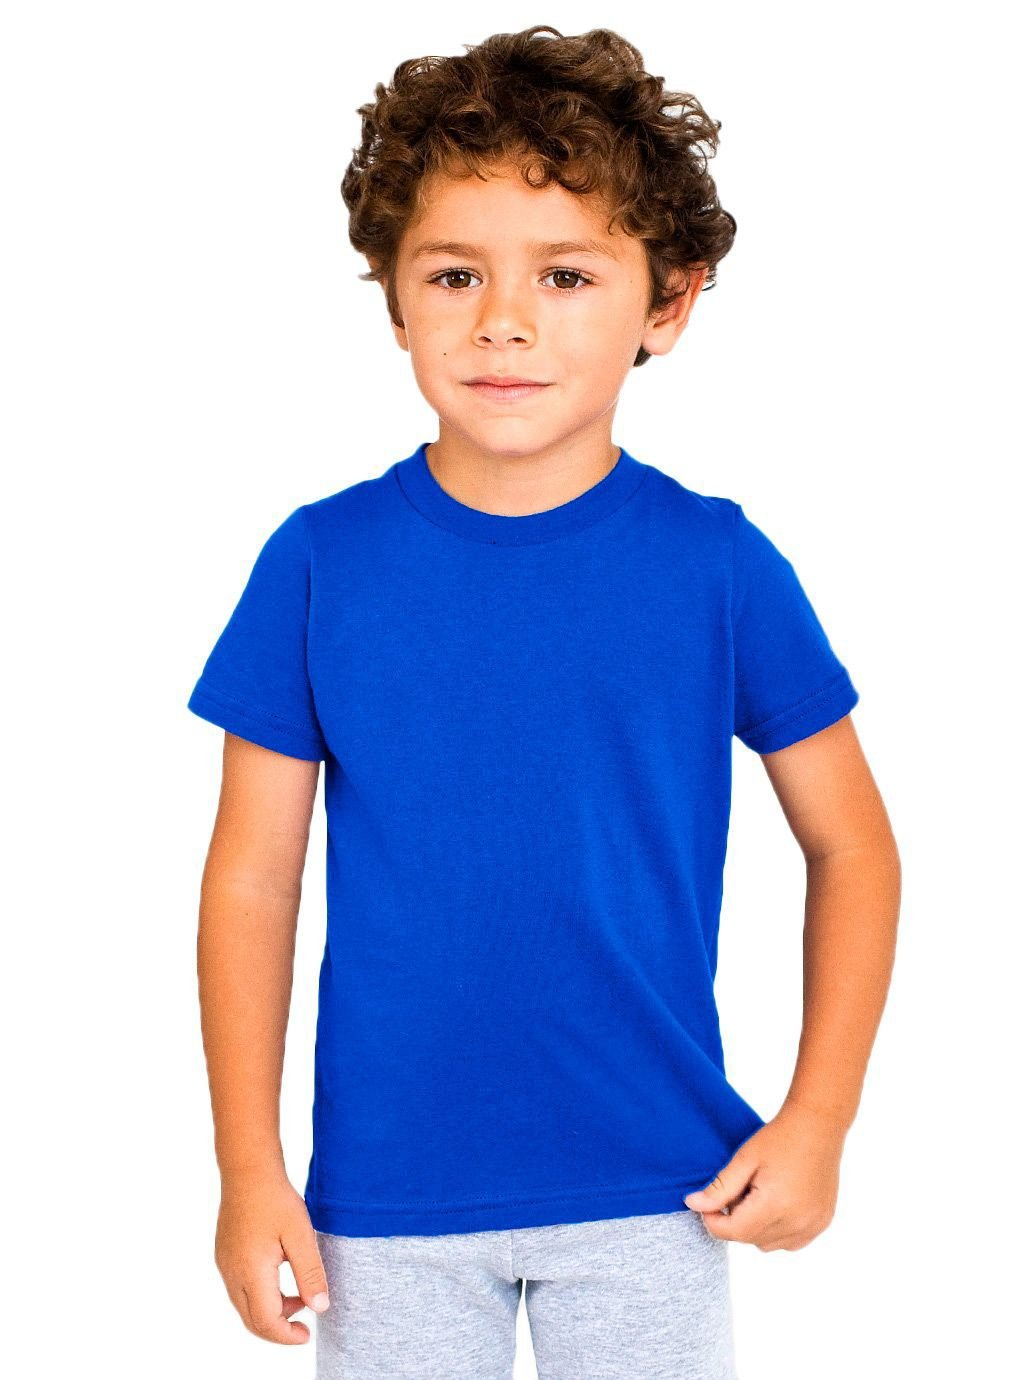 Fine Jersey Short-Sleeve T-Shirt